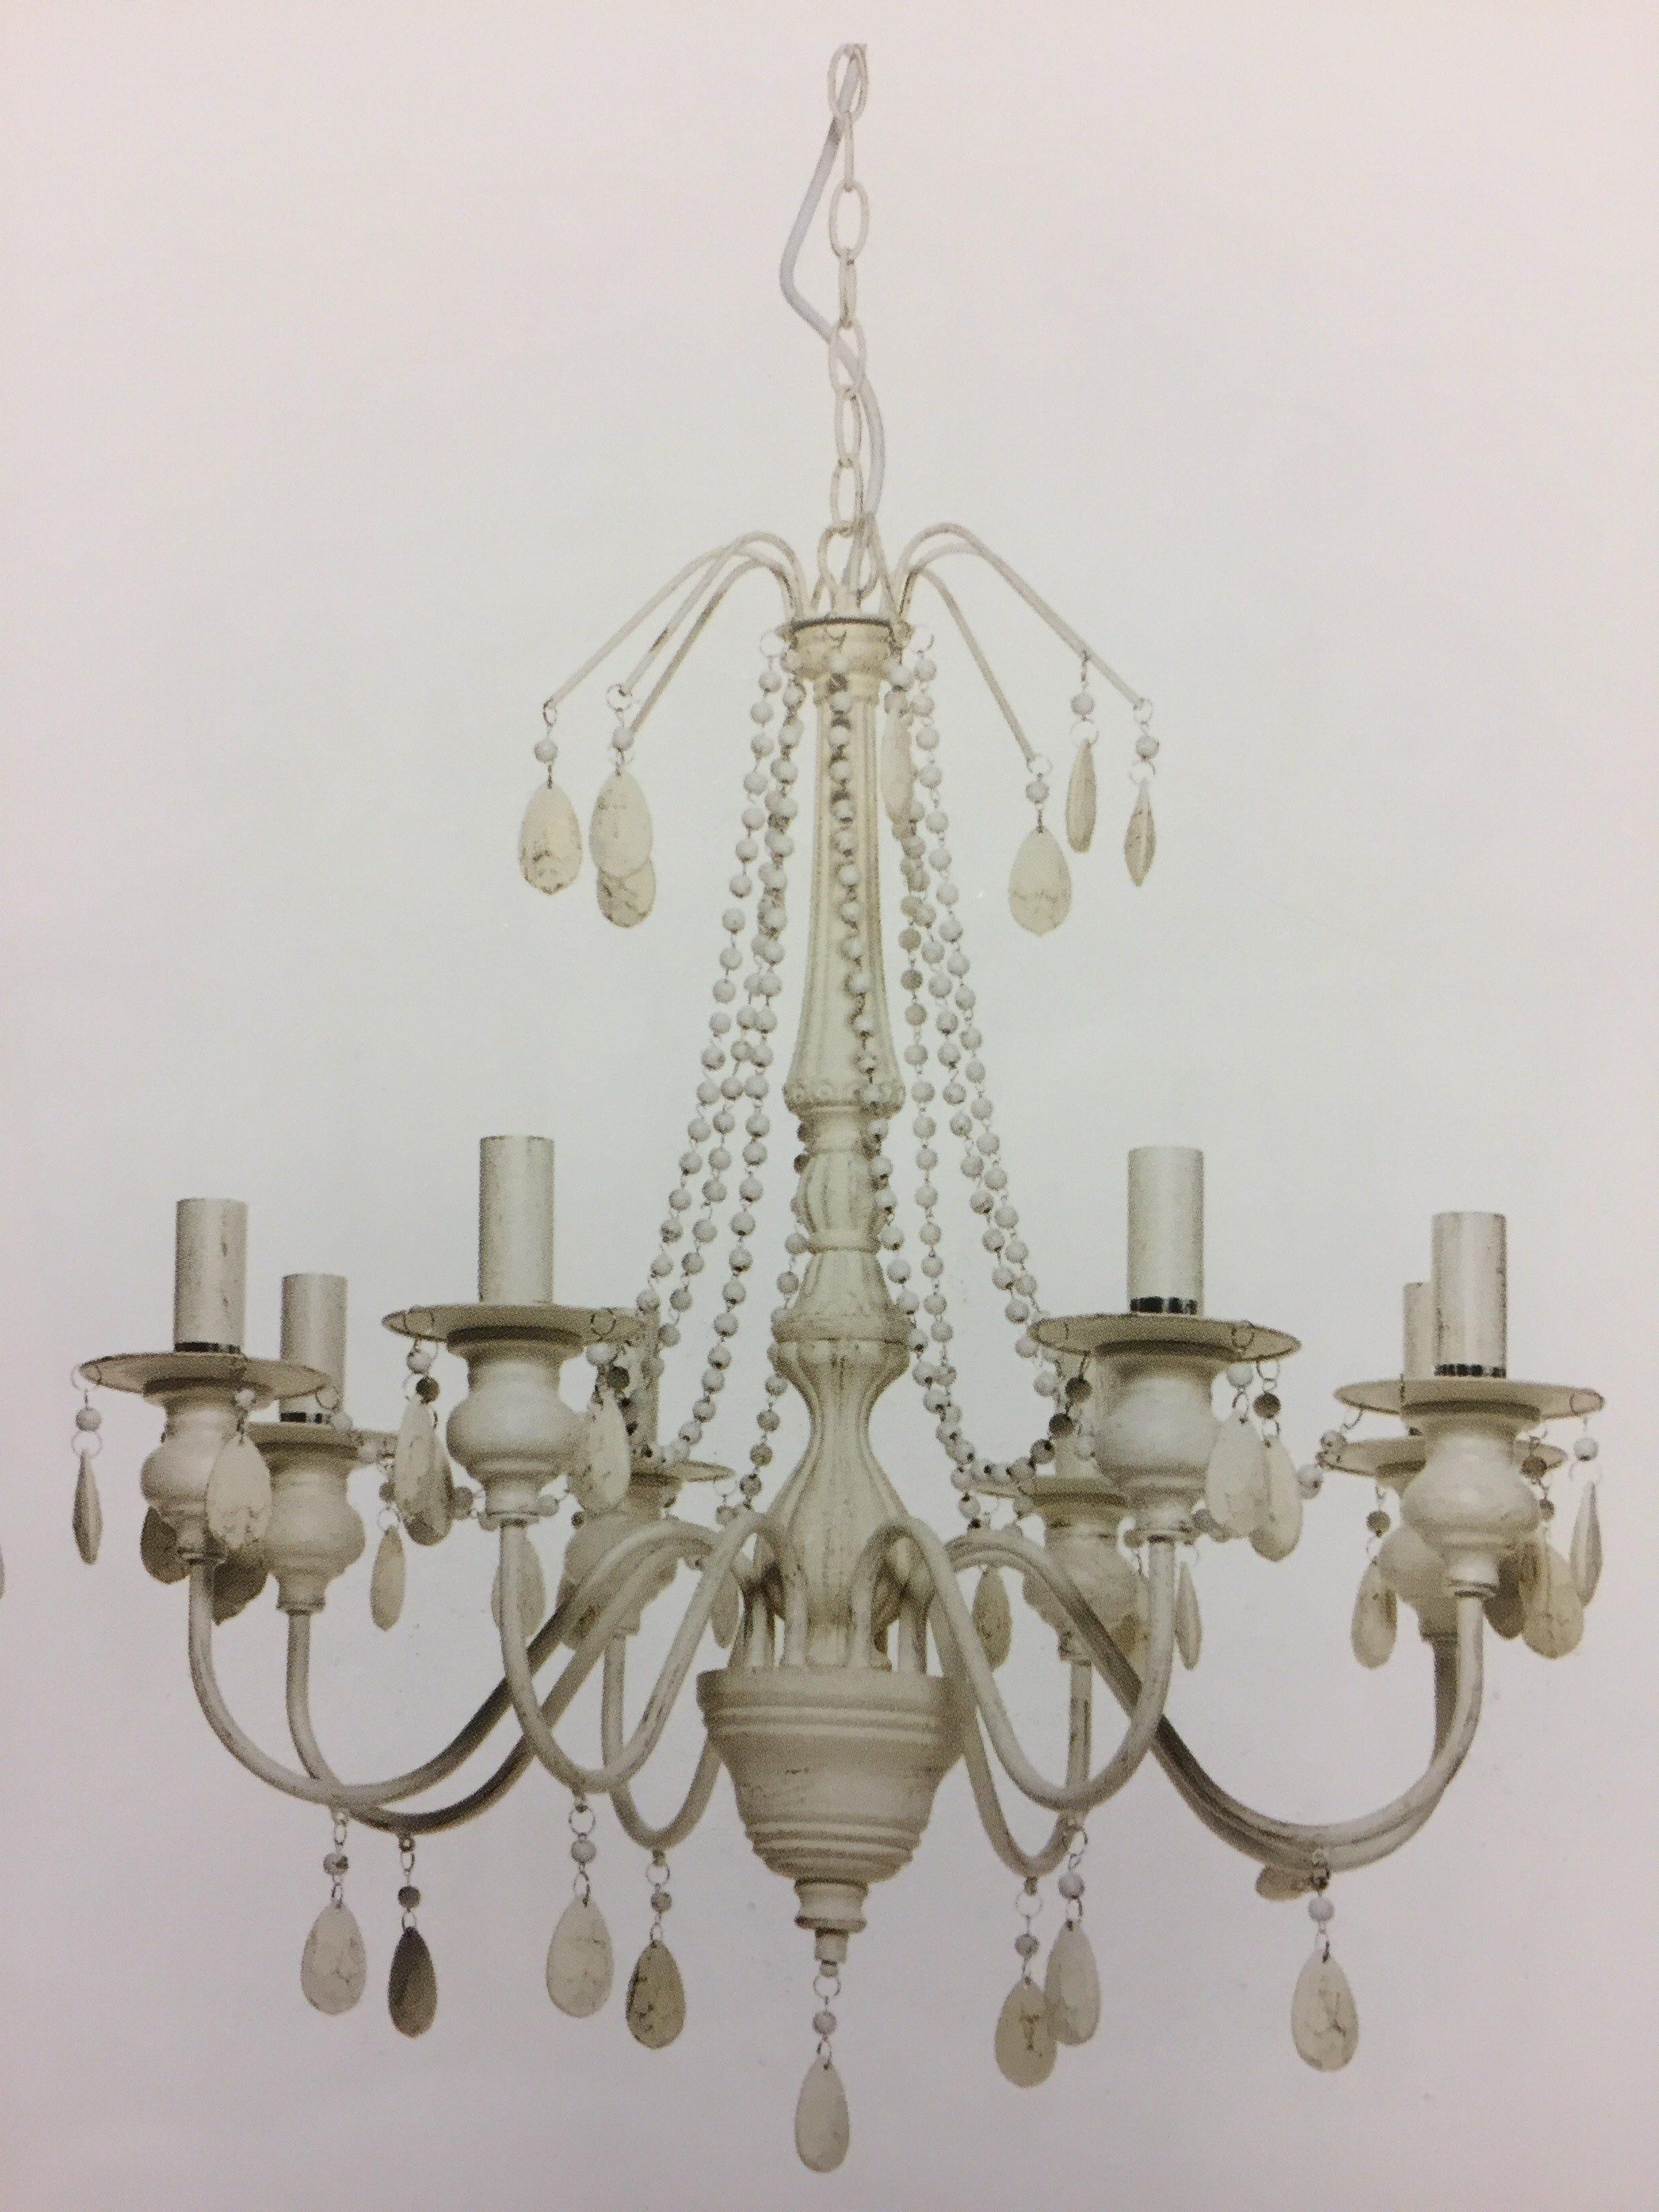 Lampadario in ferro e legno con 8 lumi leggermente invecchiato con pendenti e gocce